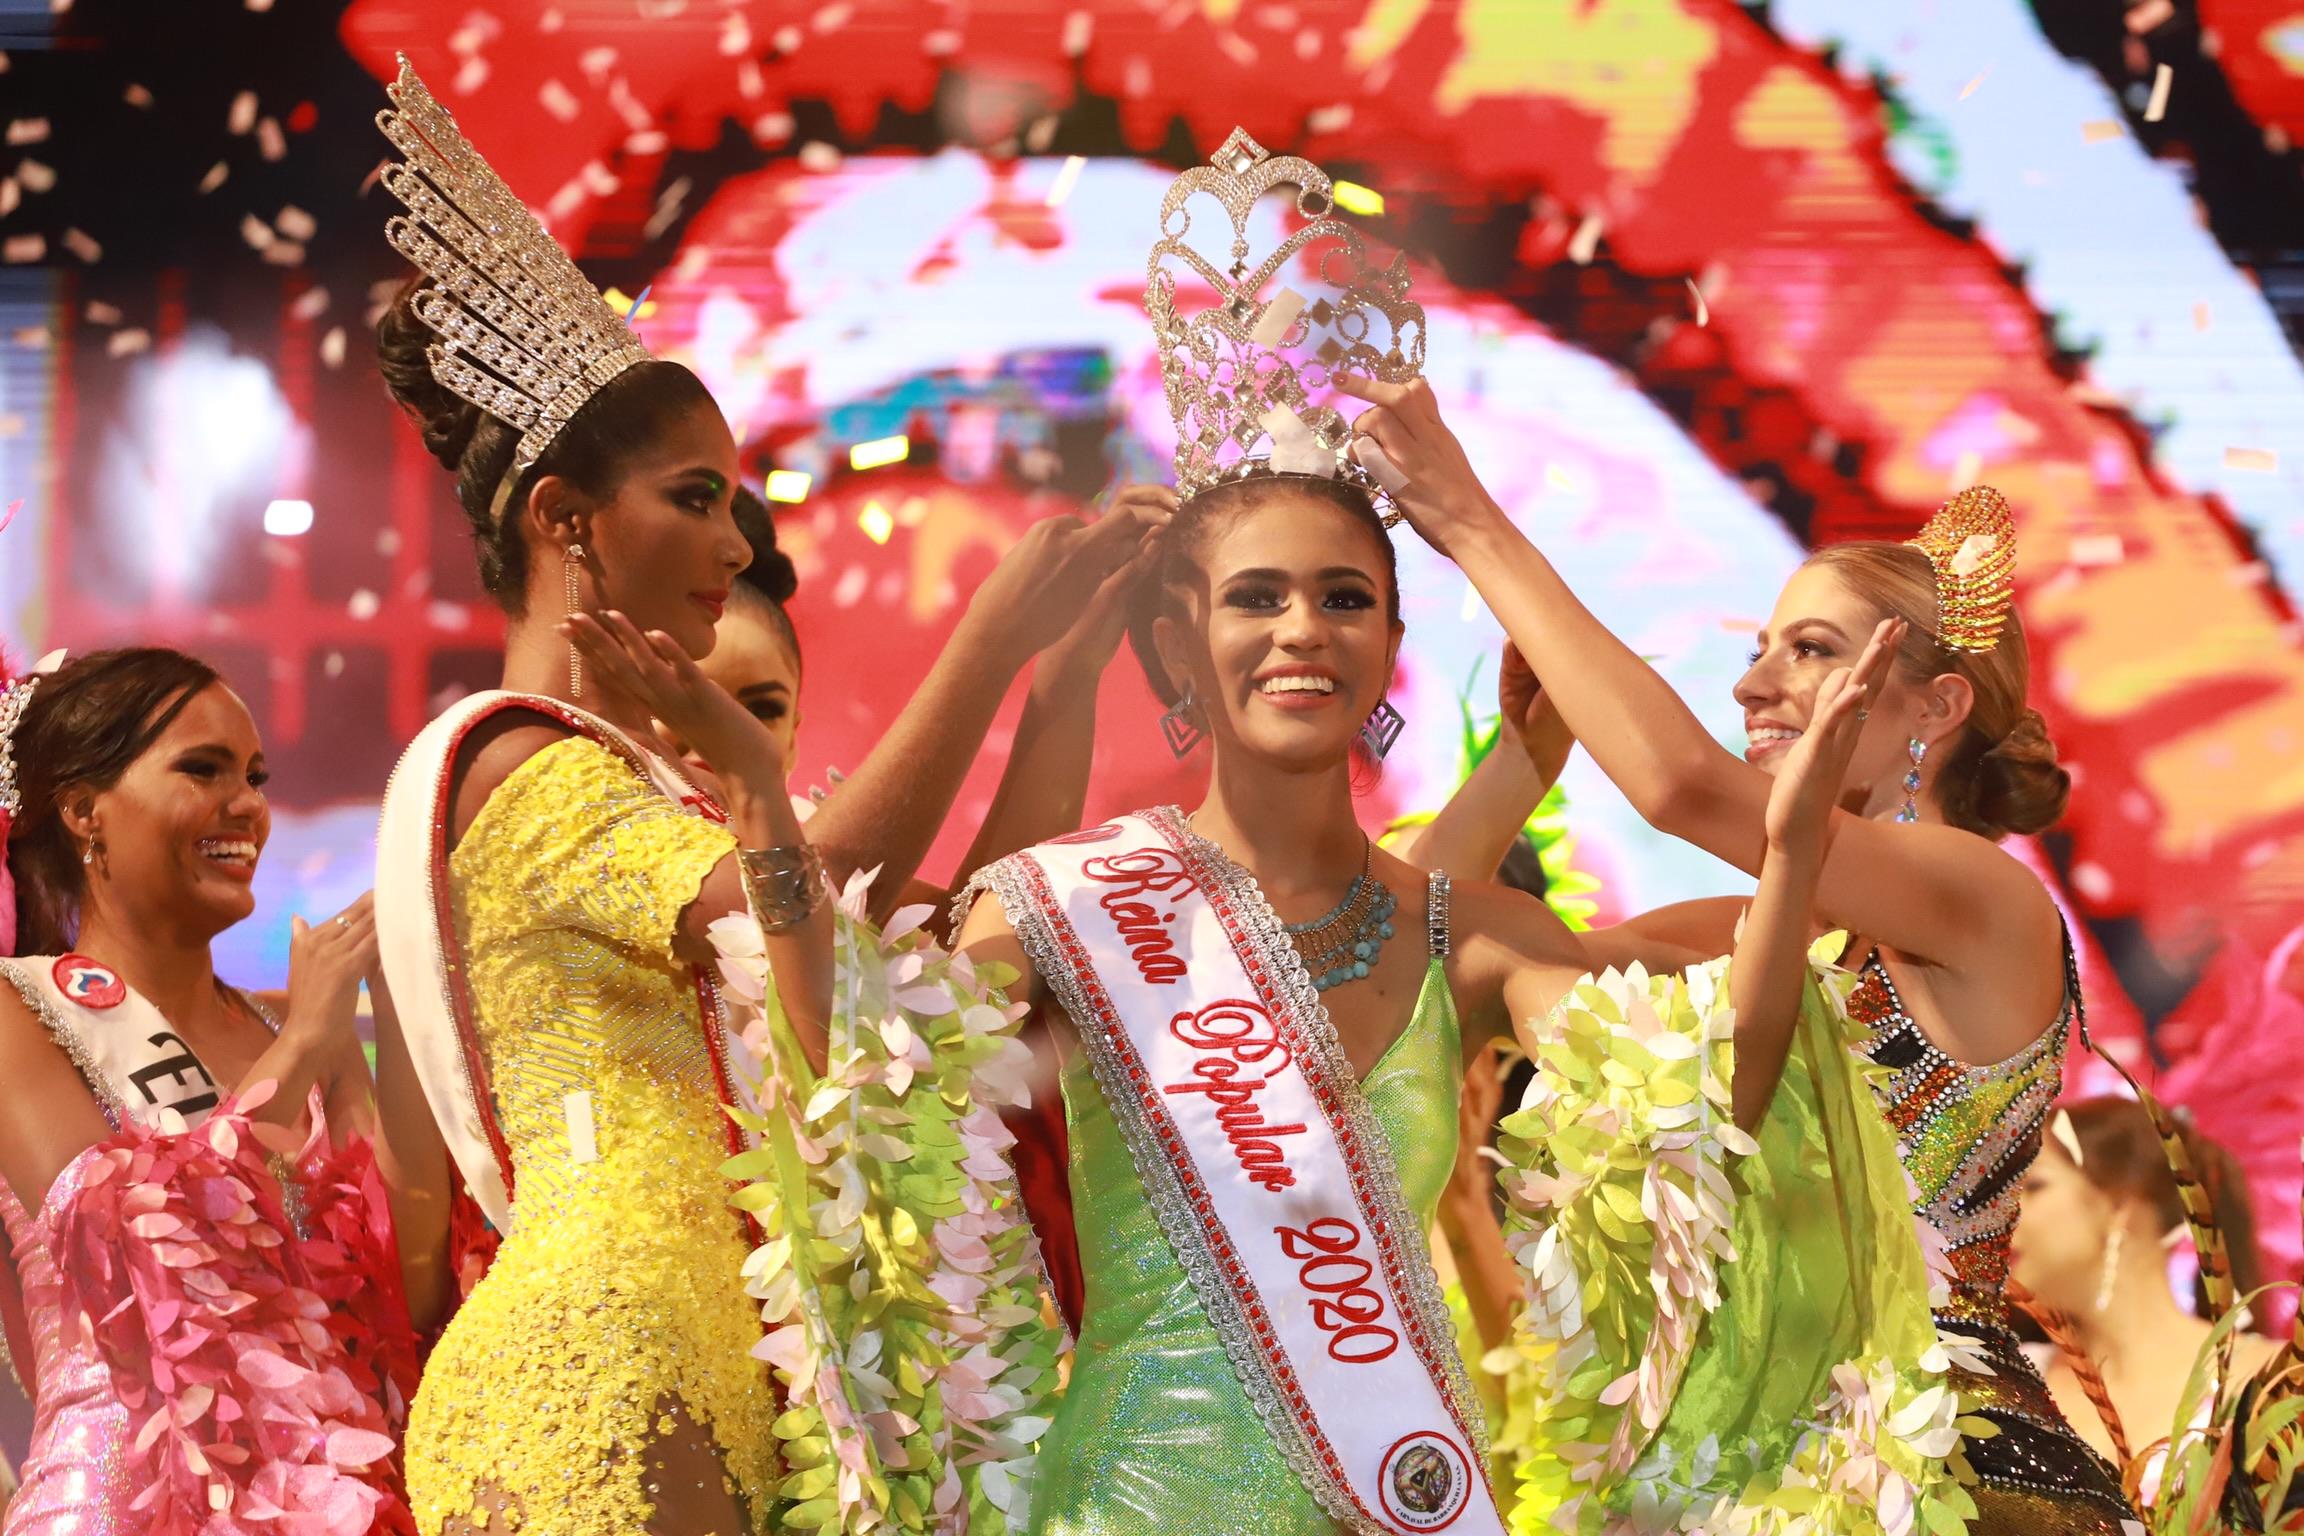 Melanee Cantillo del barrio Evaristo Sourdis Reina Popular del Carnaval 2020